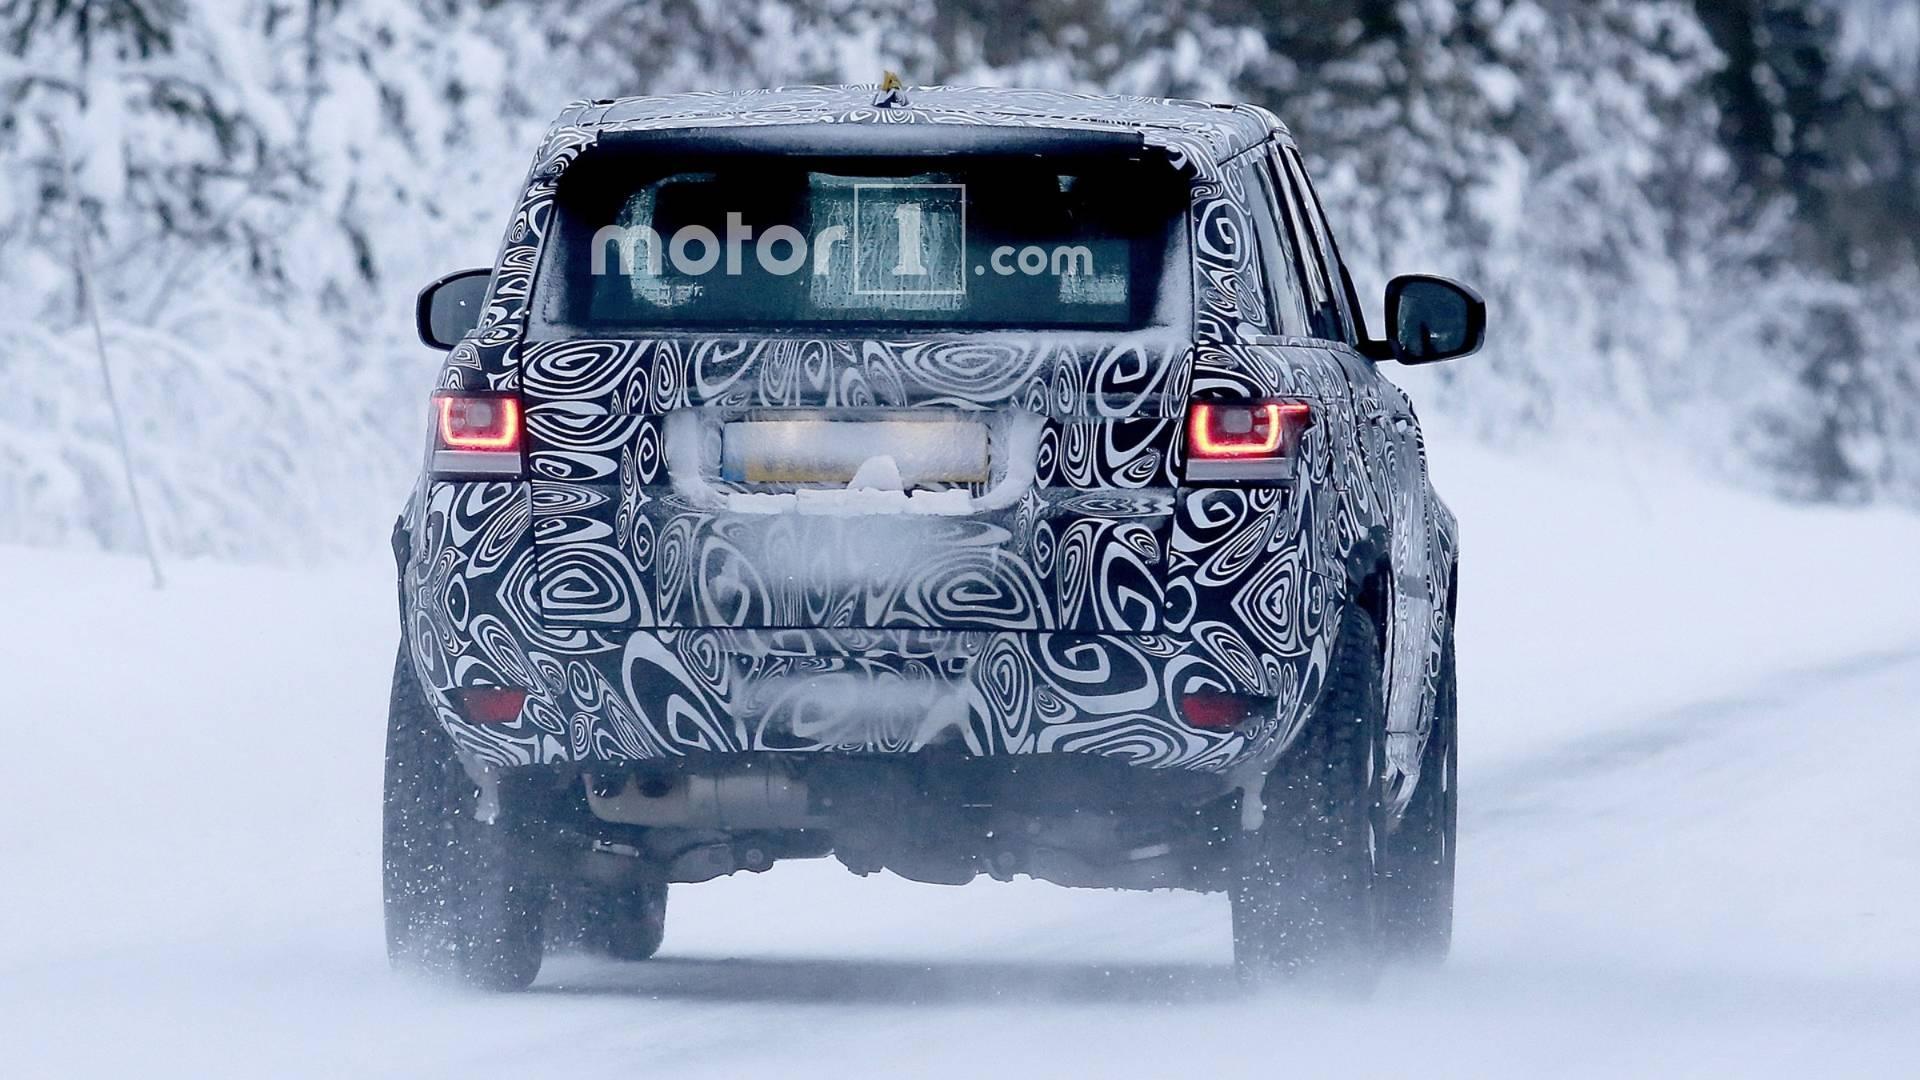 2019-land-rover-defender-spy-photo-4 Land Rover Defender Sport vine ... in 2026